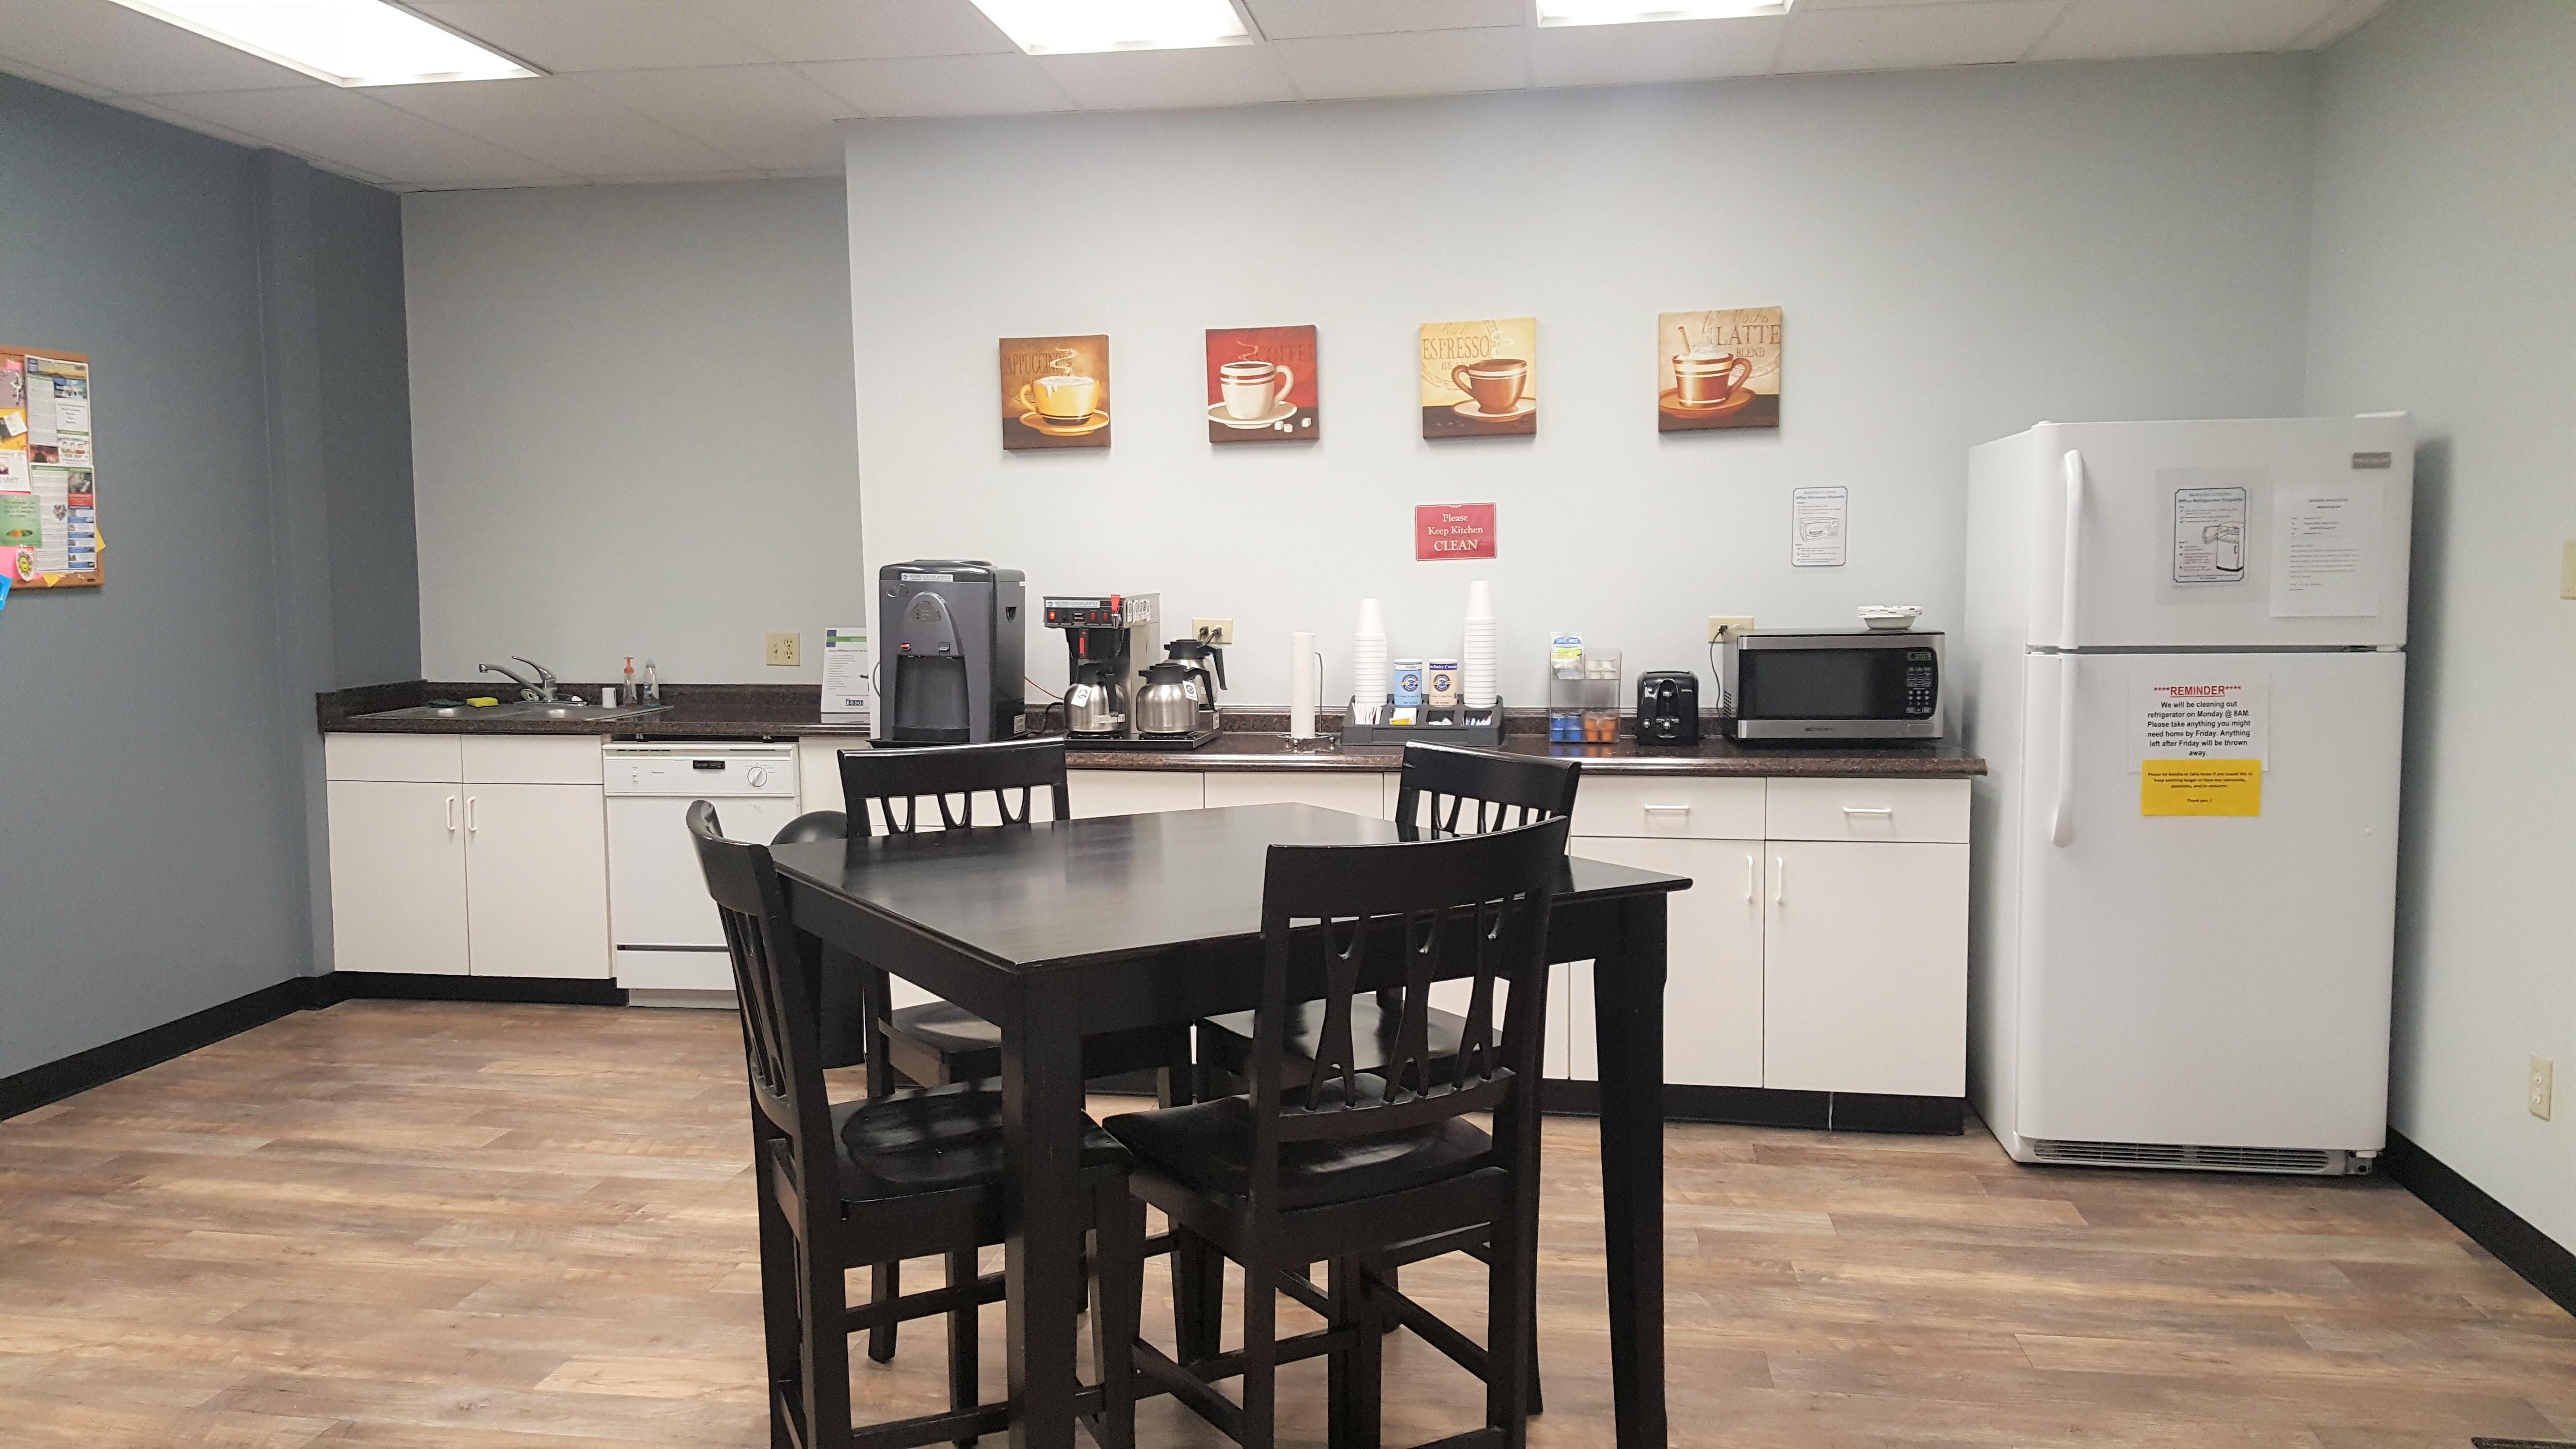 Break Room - Kitchen Area - Ontario Virtual Office